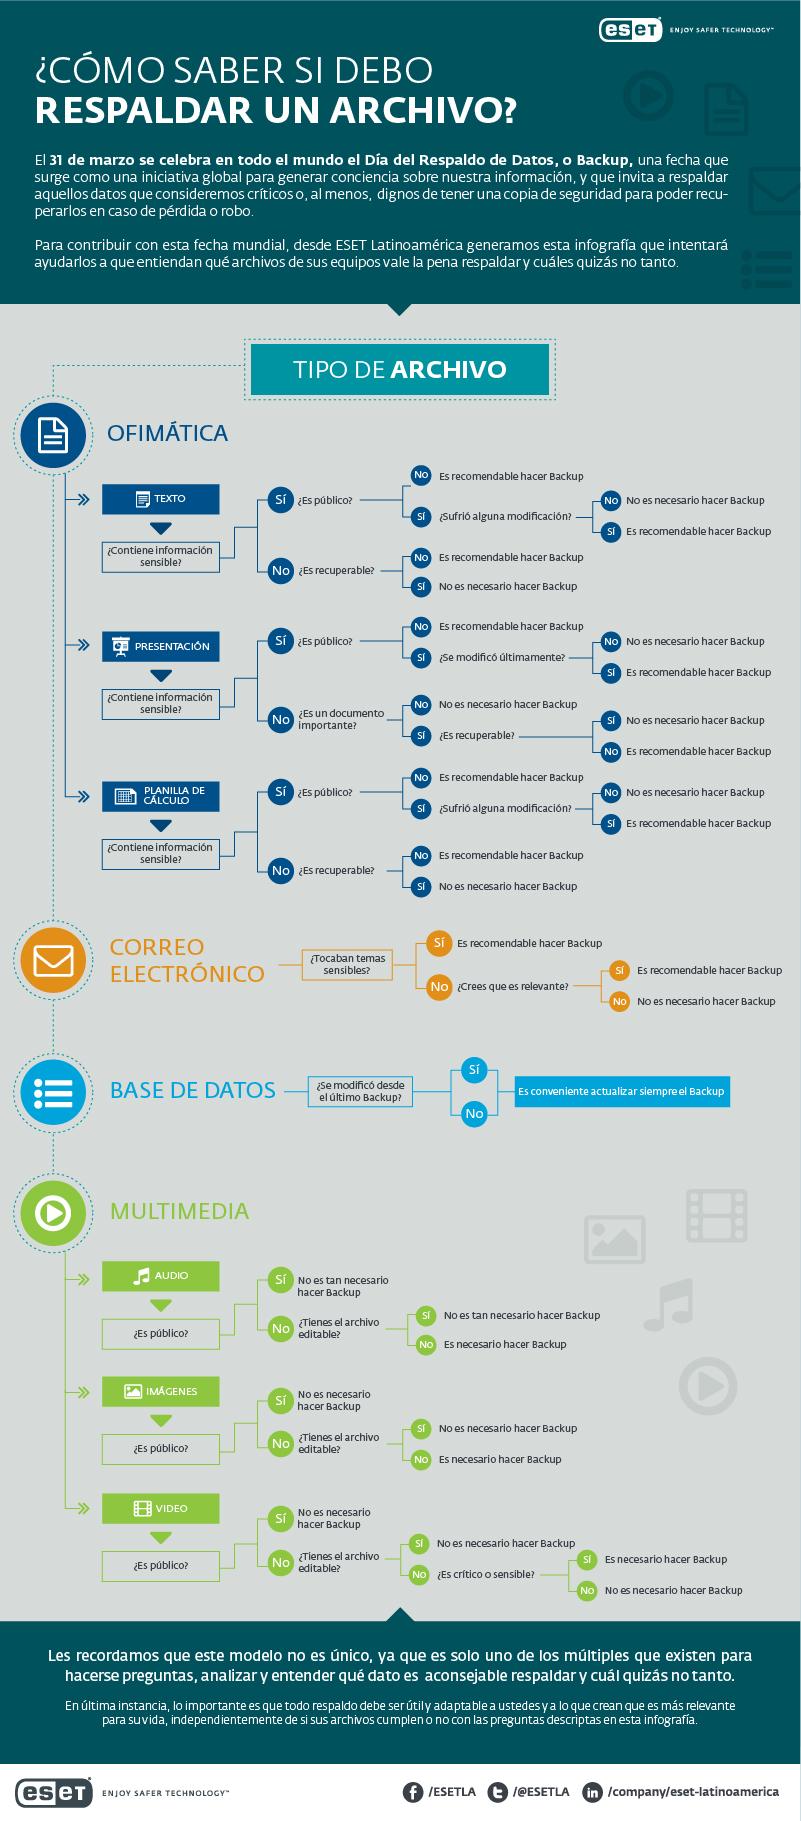 Imagen: ESET (Infografía desarrollada por ESET sobre cómo saber qué tipo de archivos es recomendable respaldar)